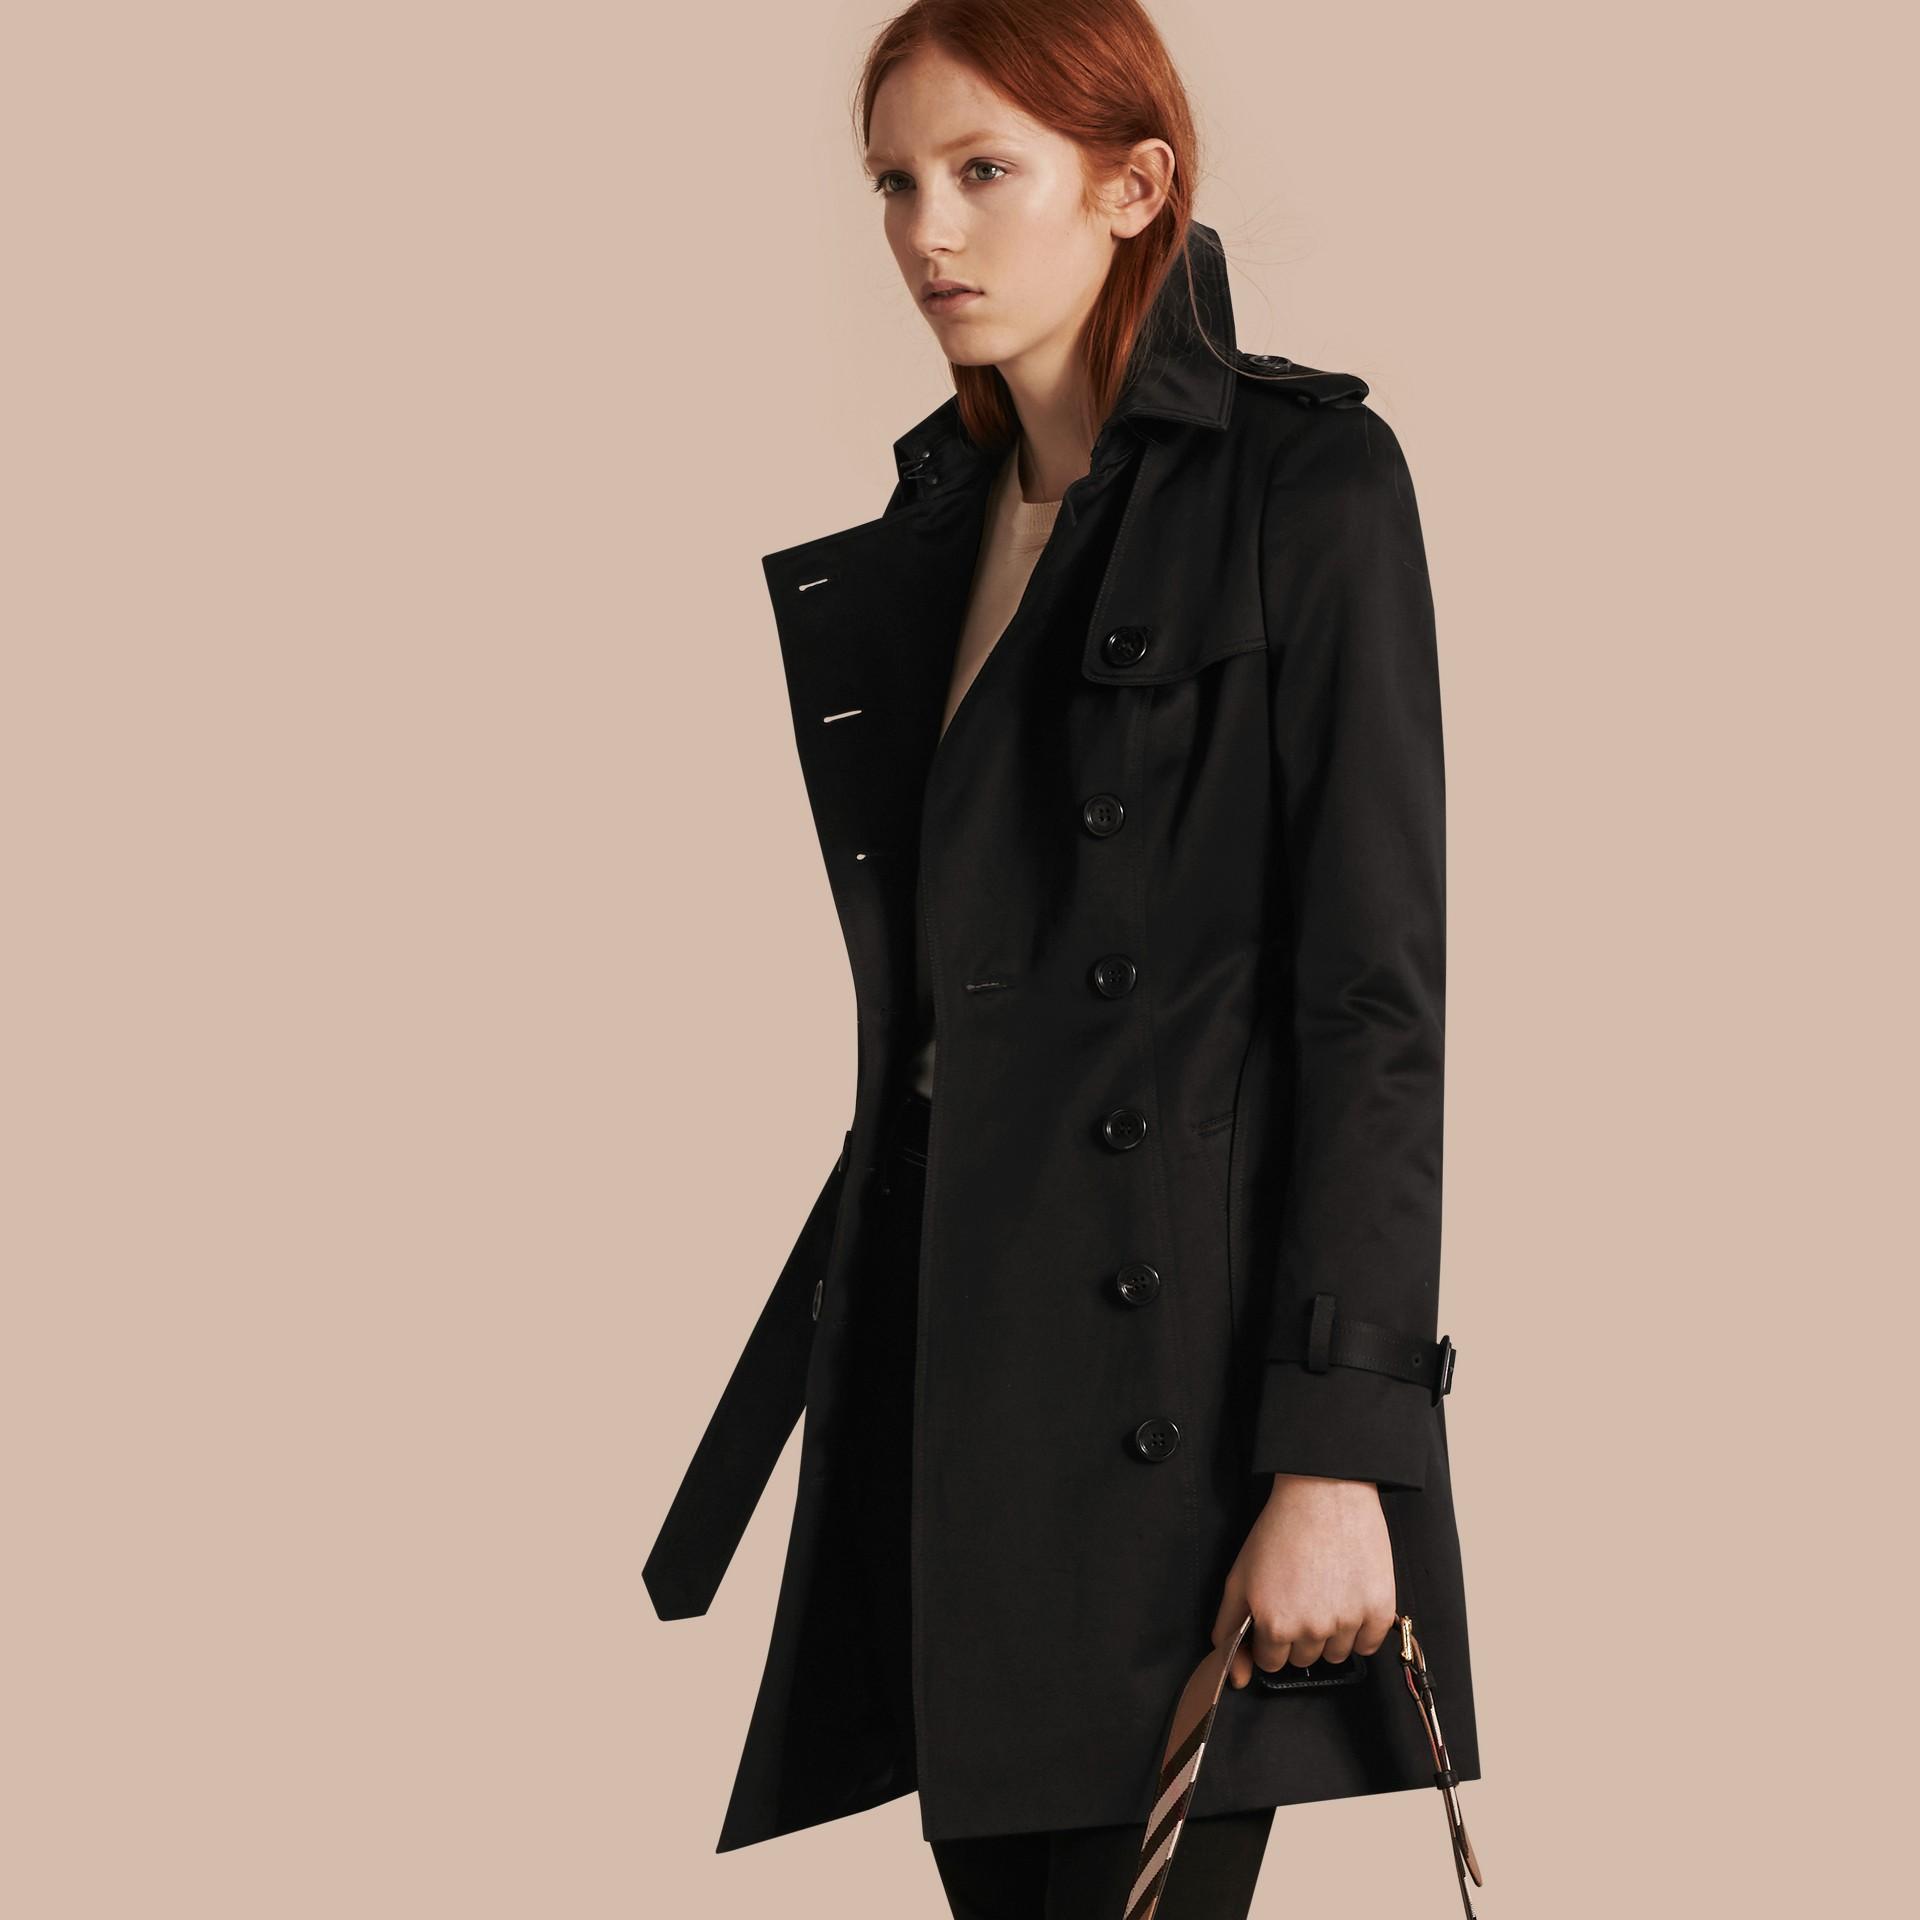 Nero Trench coat in satin di cotone Nero - immagine della galleria 1